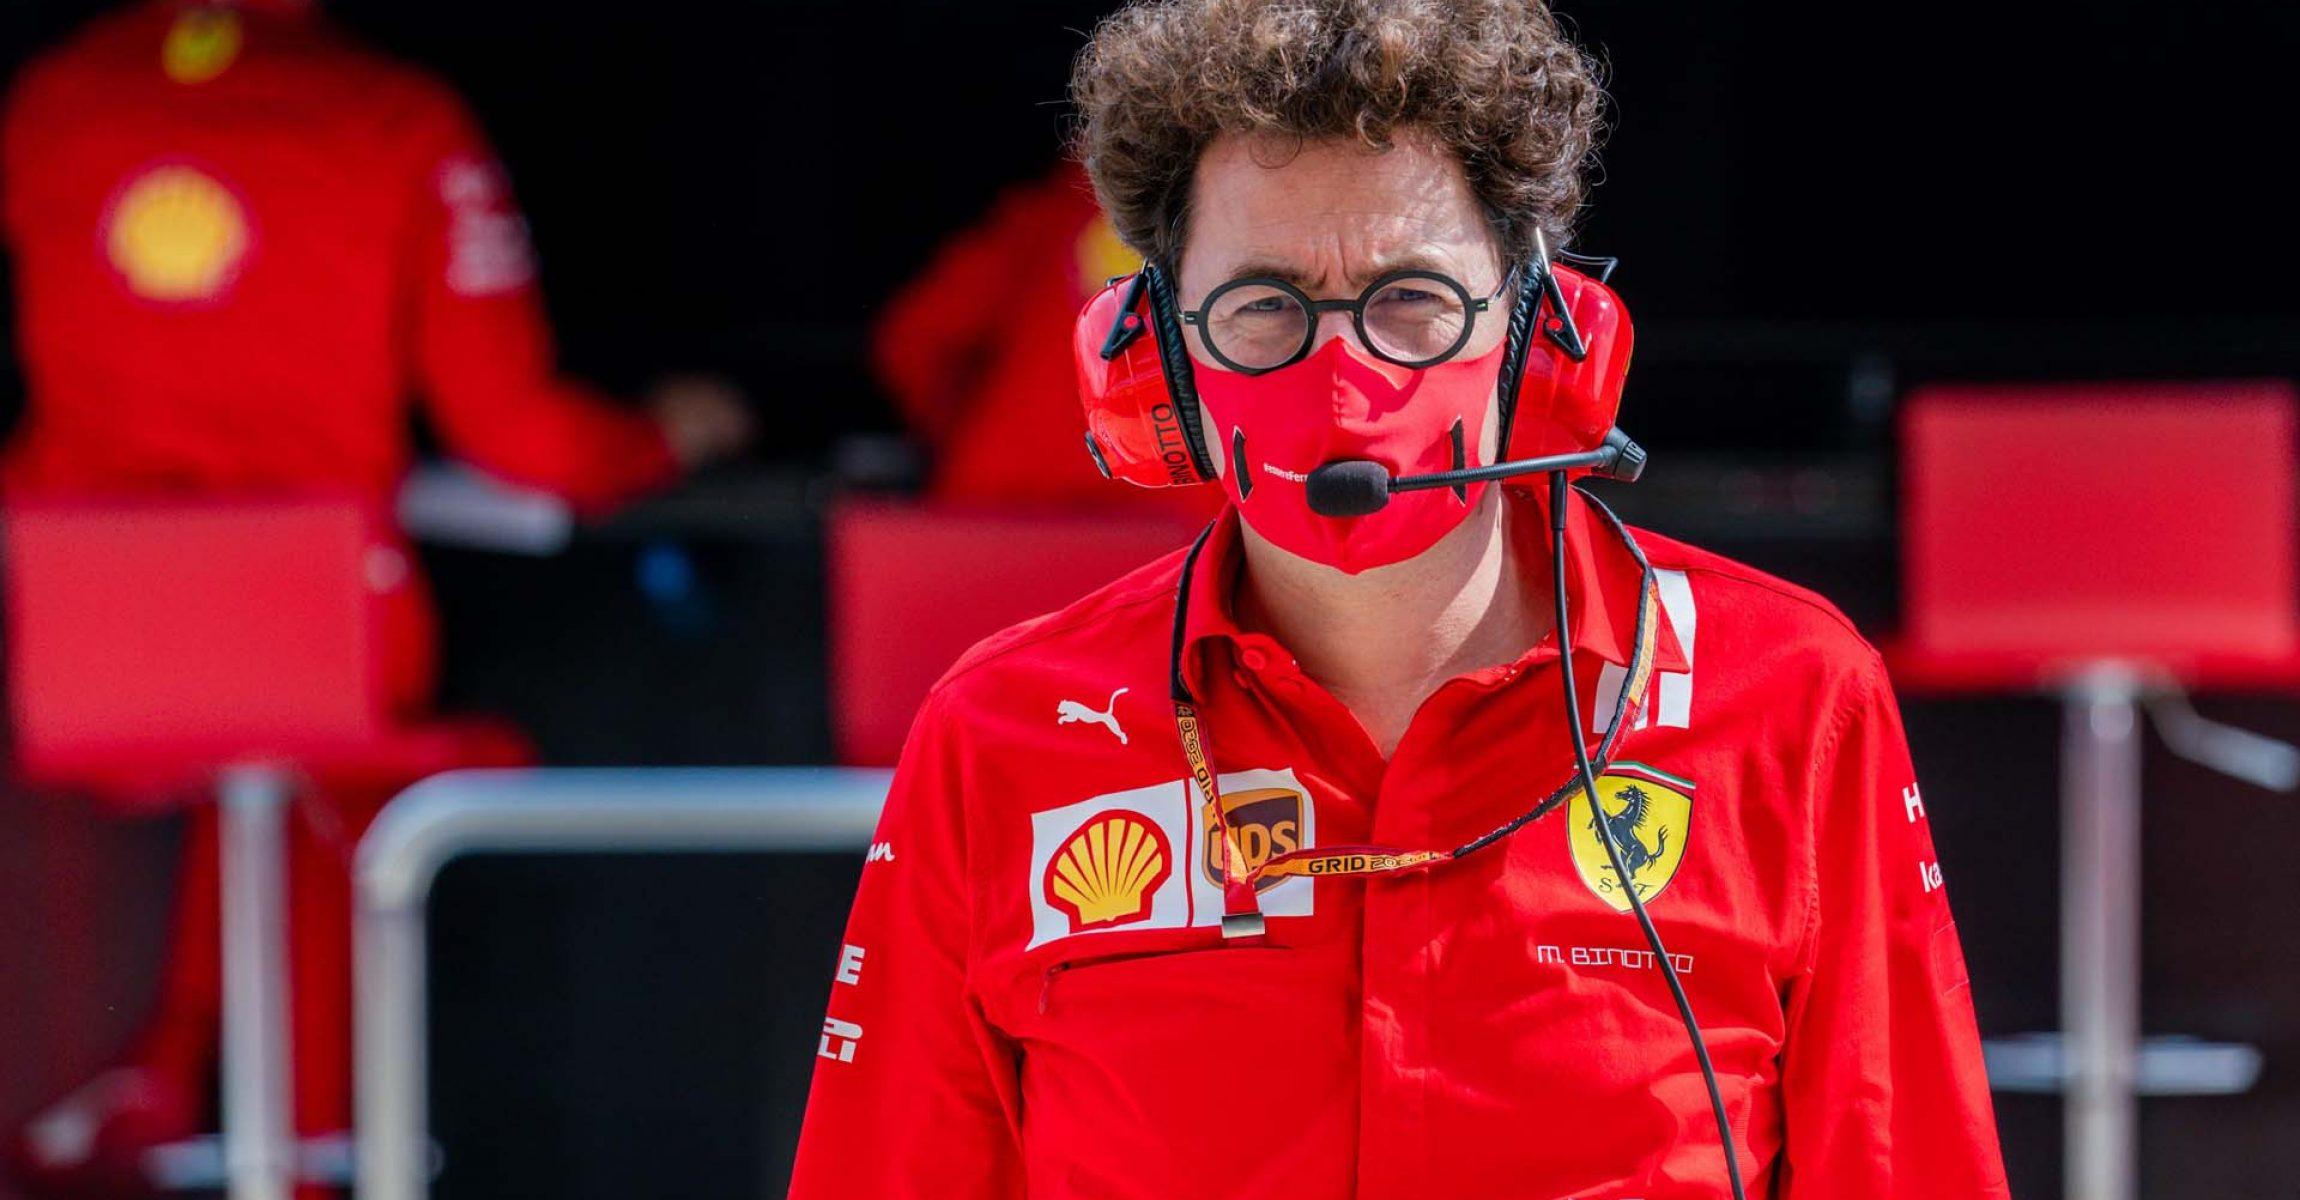 GP RUSSIA F1/2020 -  SABATO 26/09/2020      credit: @Scuderia Ferrari Press Office Mattia Binotto